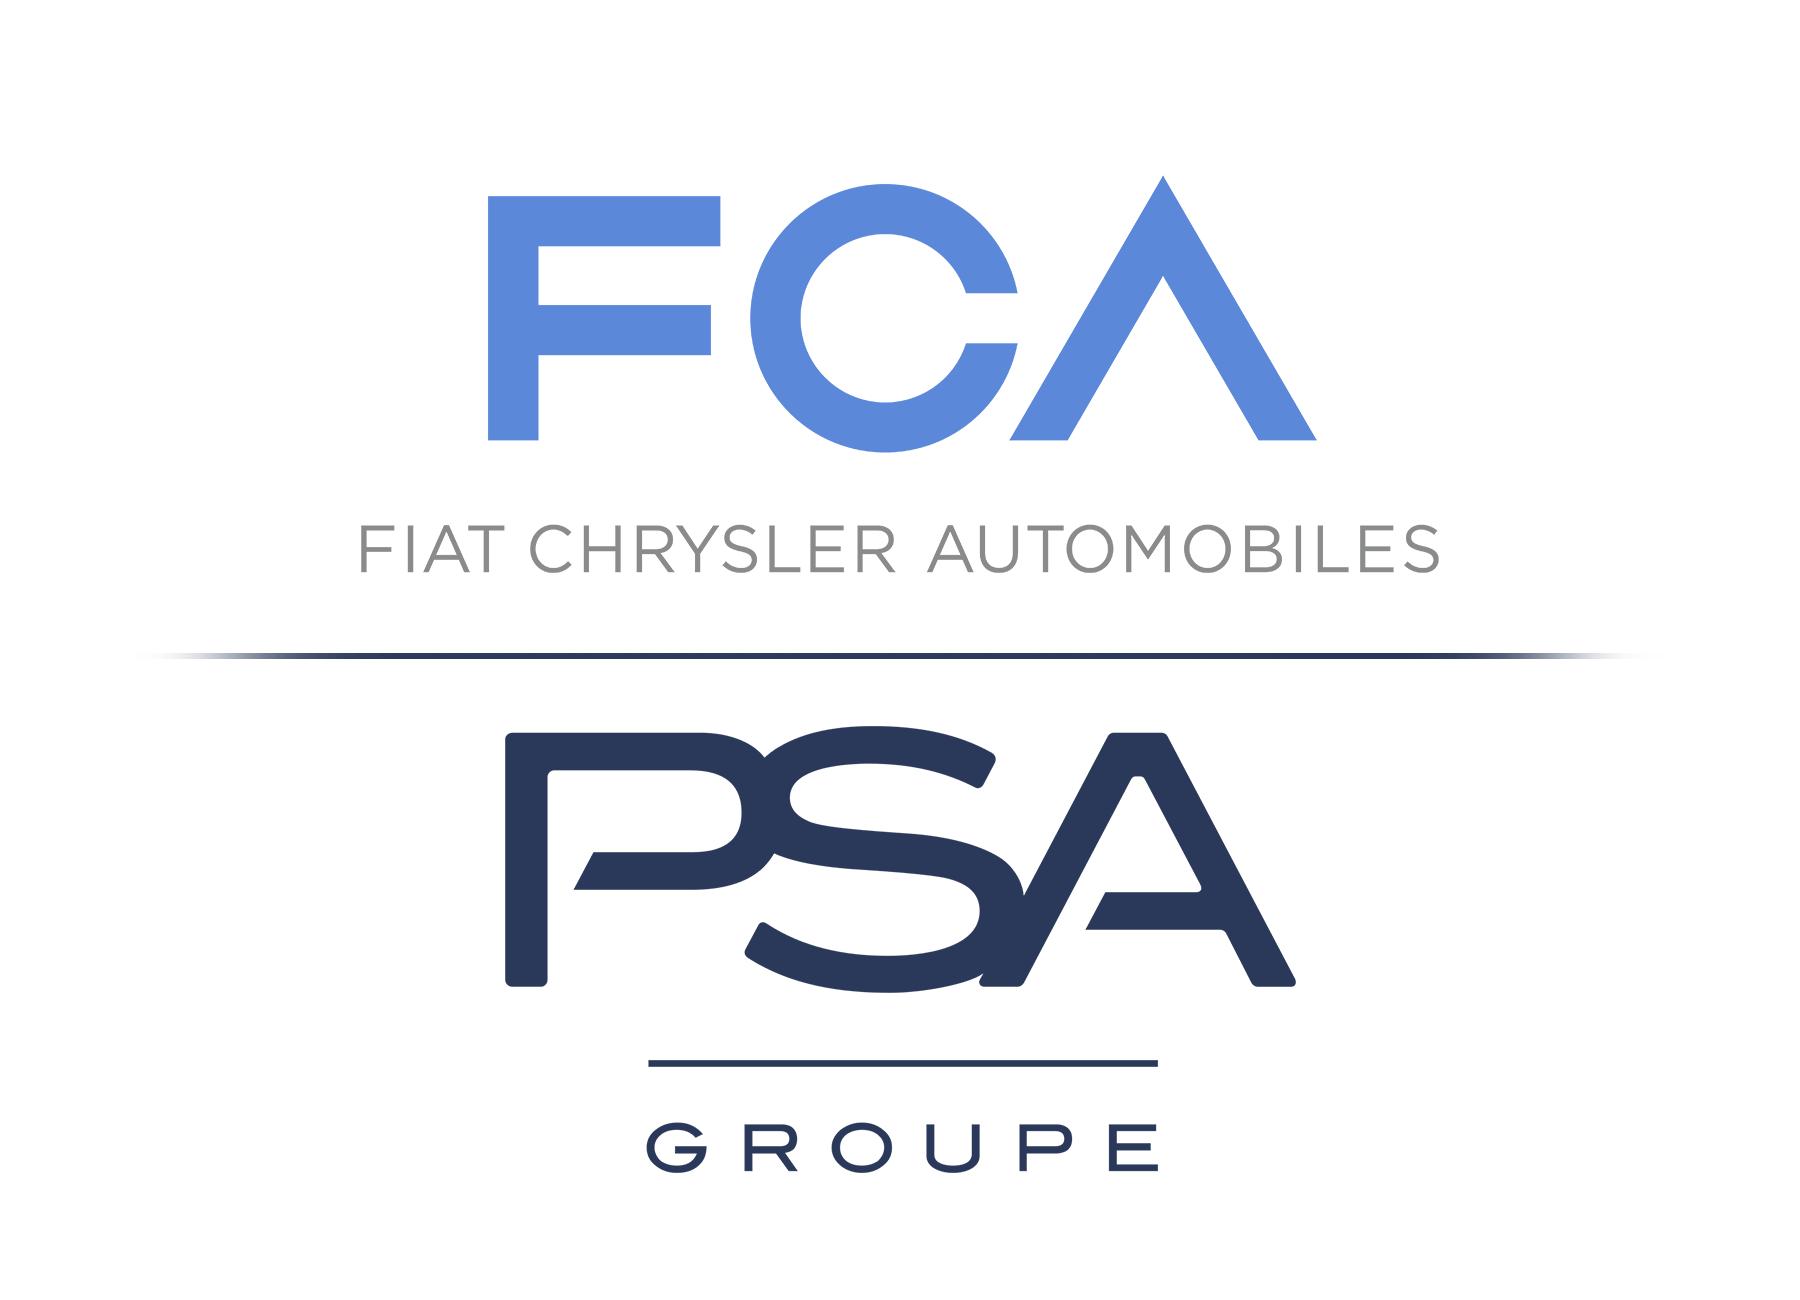 Ipotesi di possibile fusione tra FCA e PSA